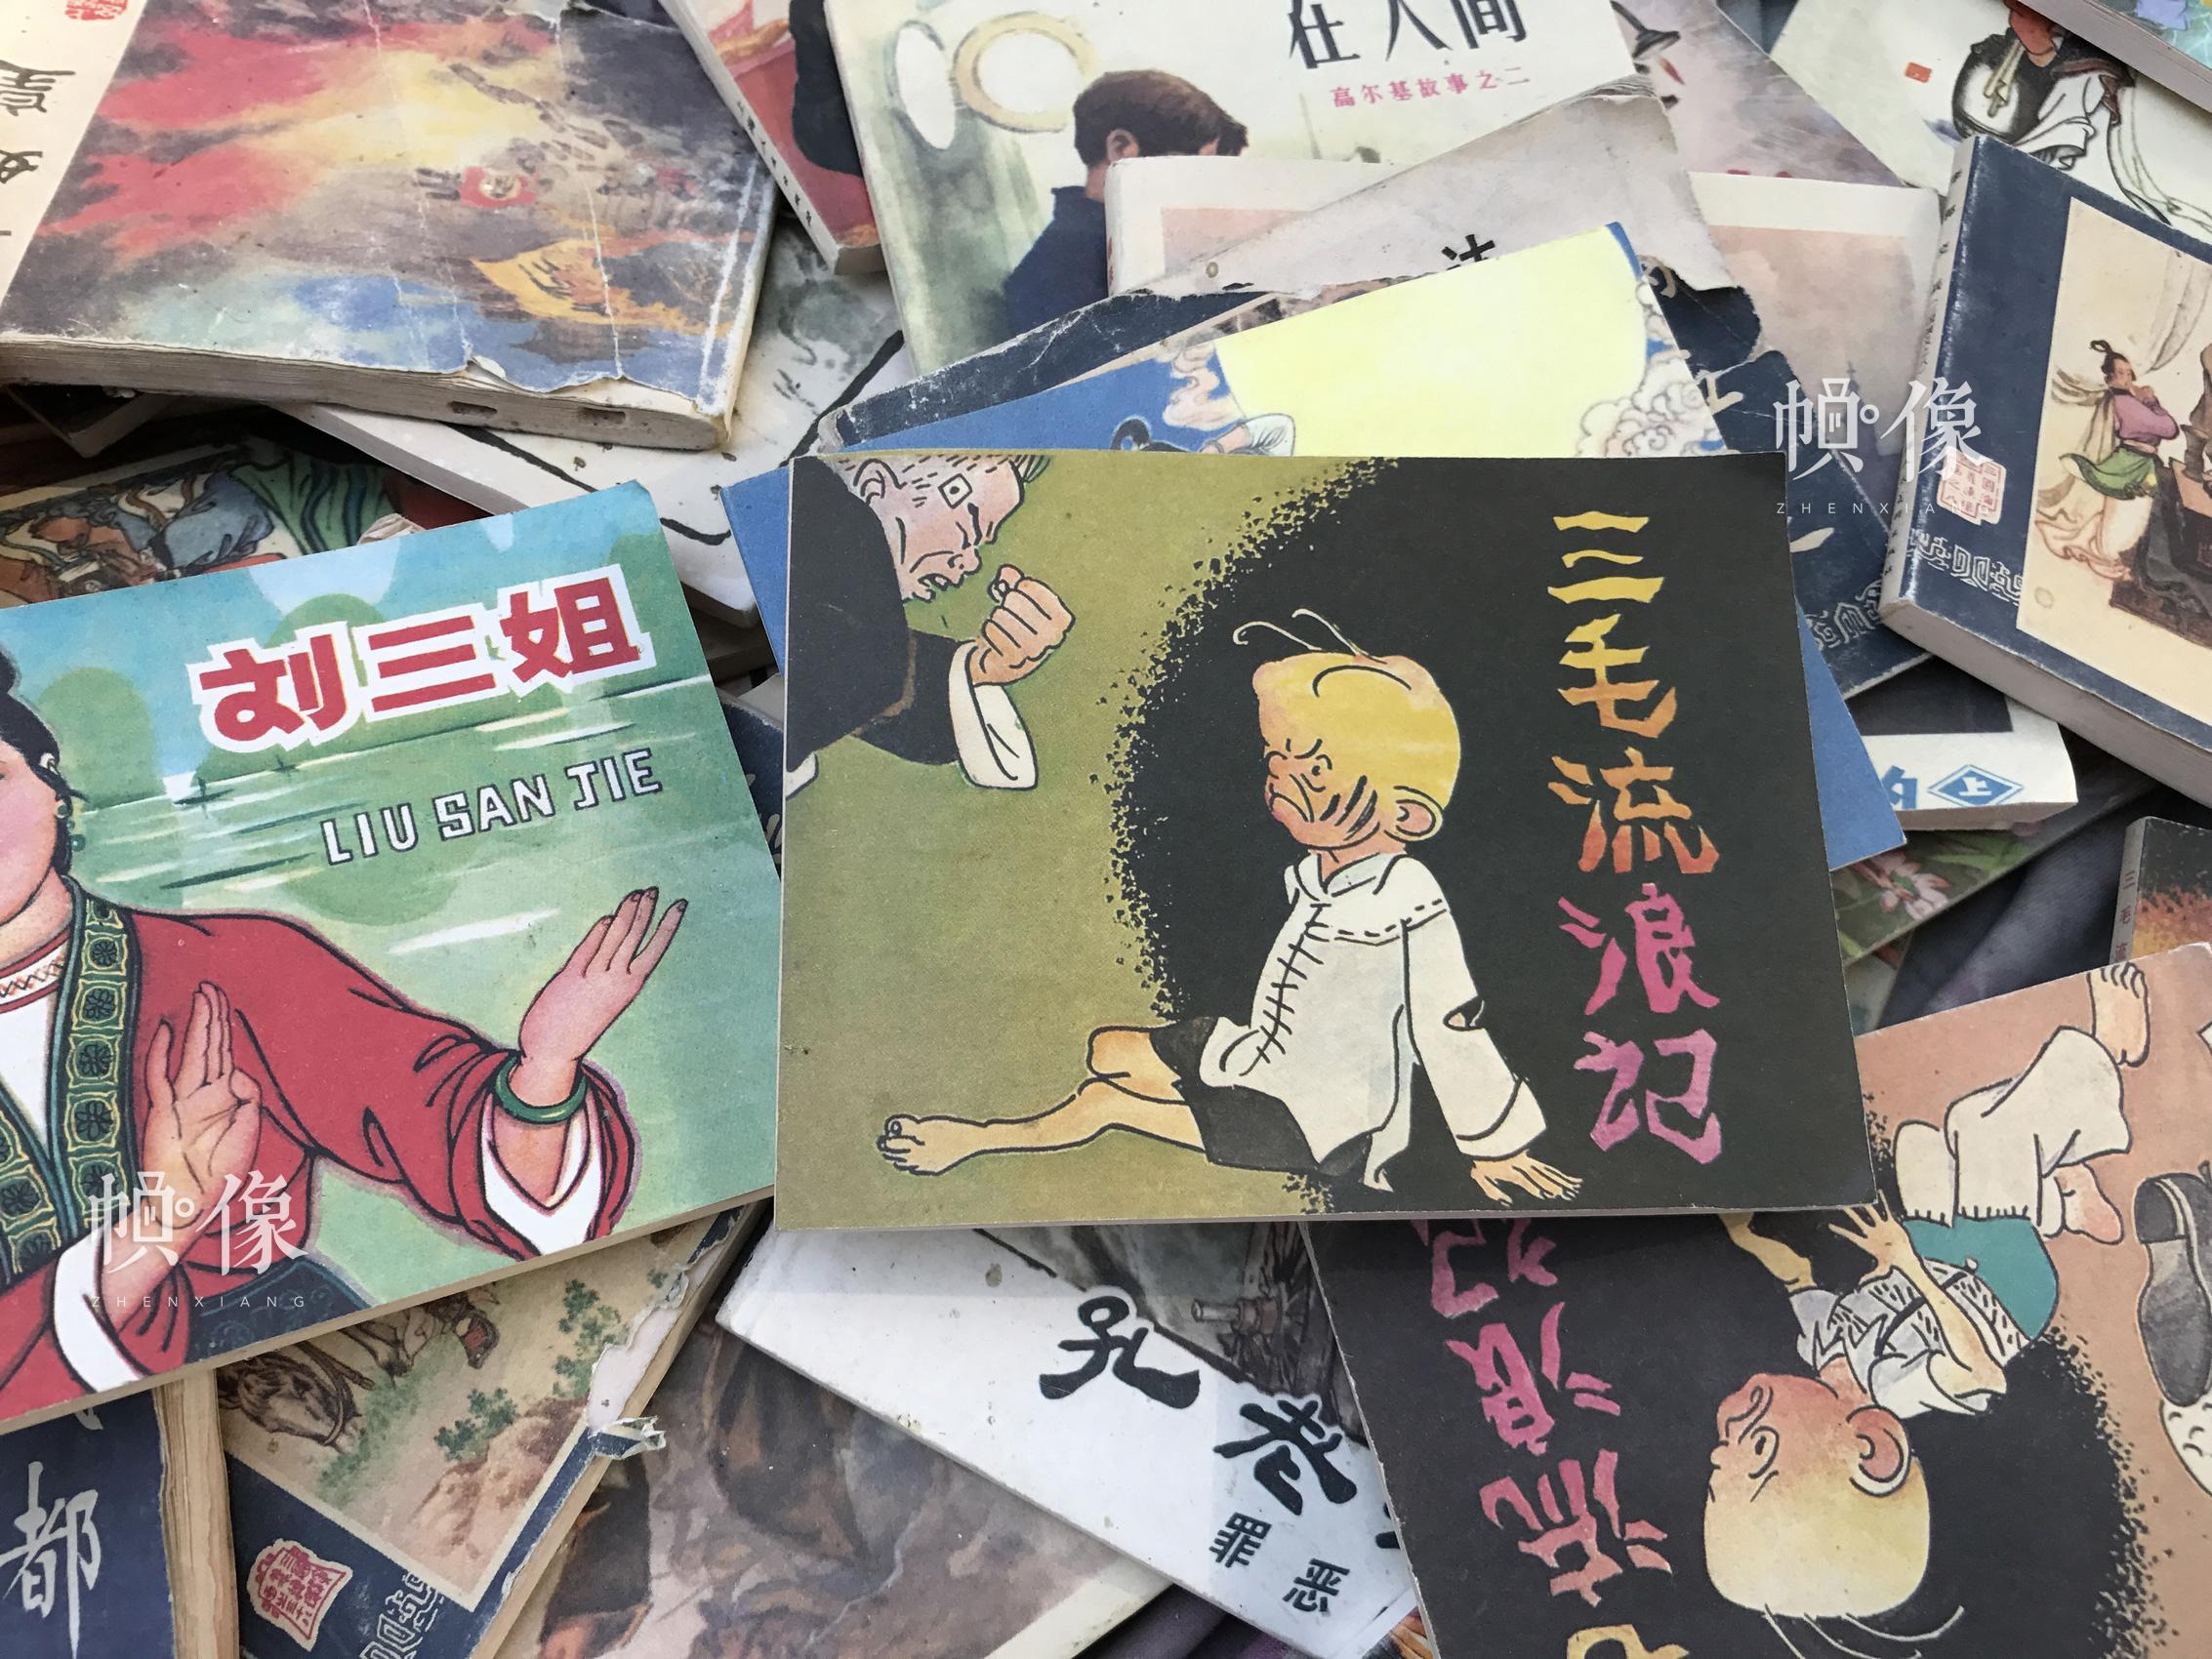 北京北海公园门口的路旁,书摊上的旧书。 中国网记者 吴静 摄